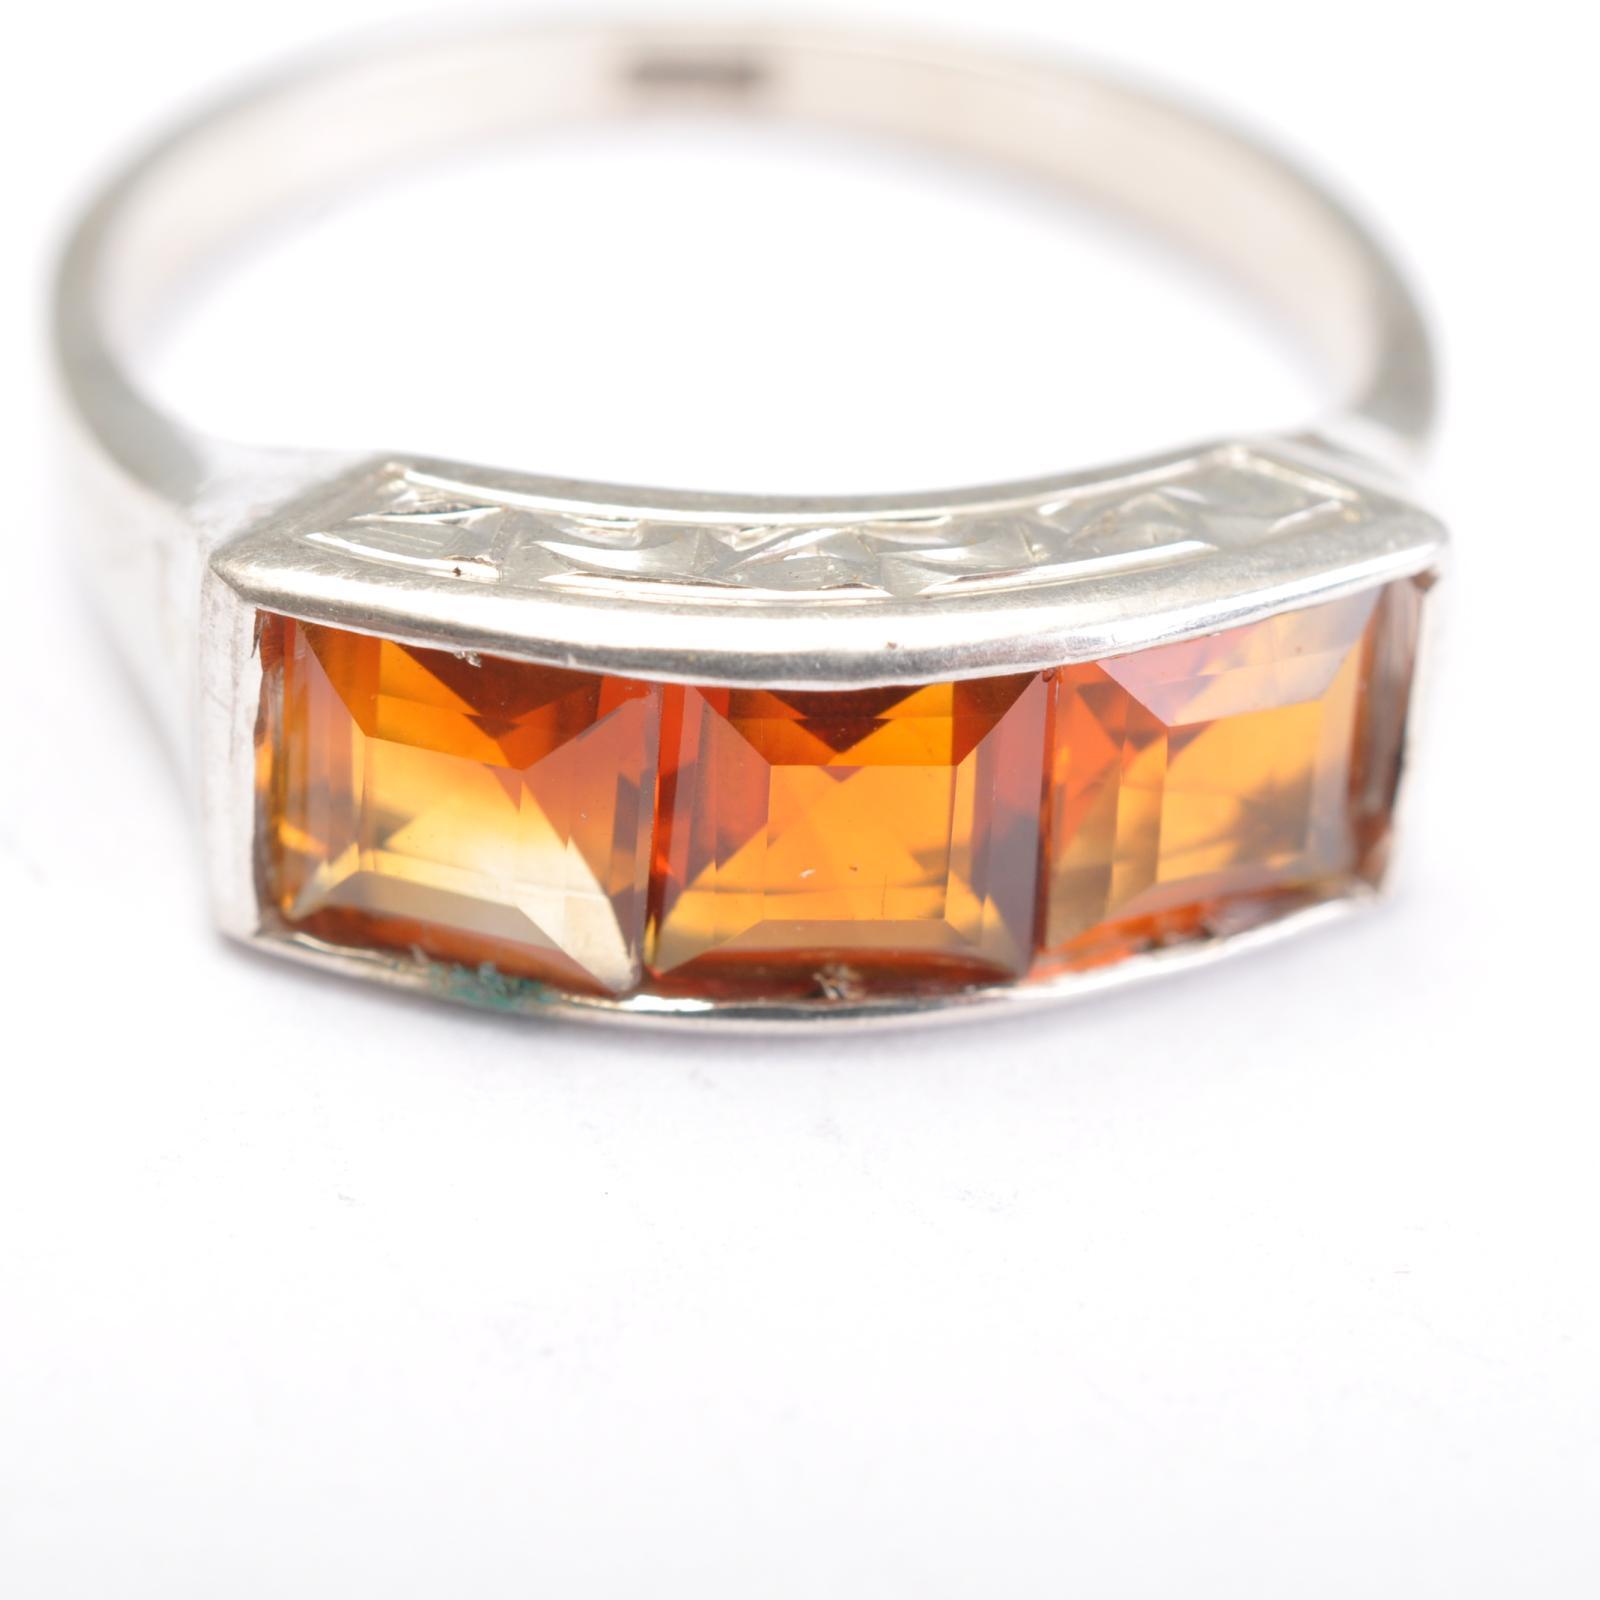 Art Deco Anello argentoo con Citrinen Taglia anello 54 54 54 574551